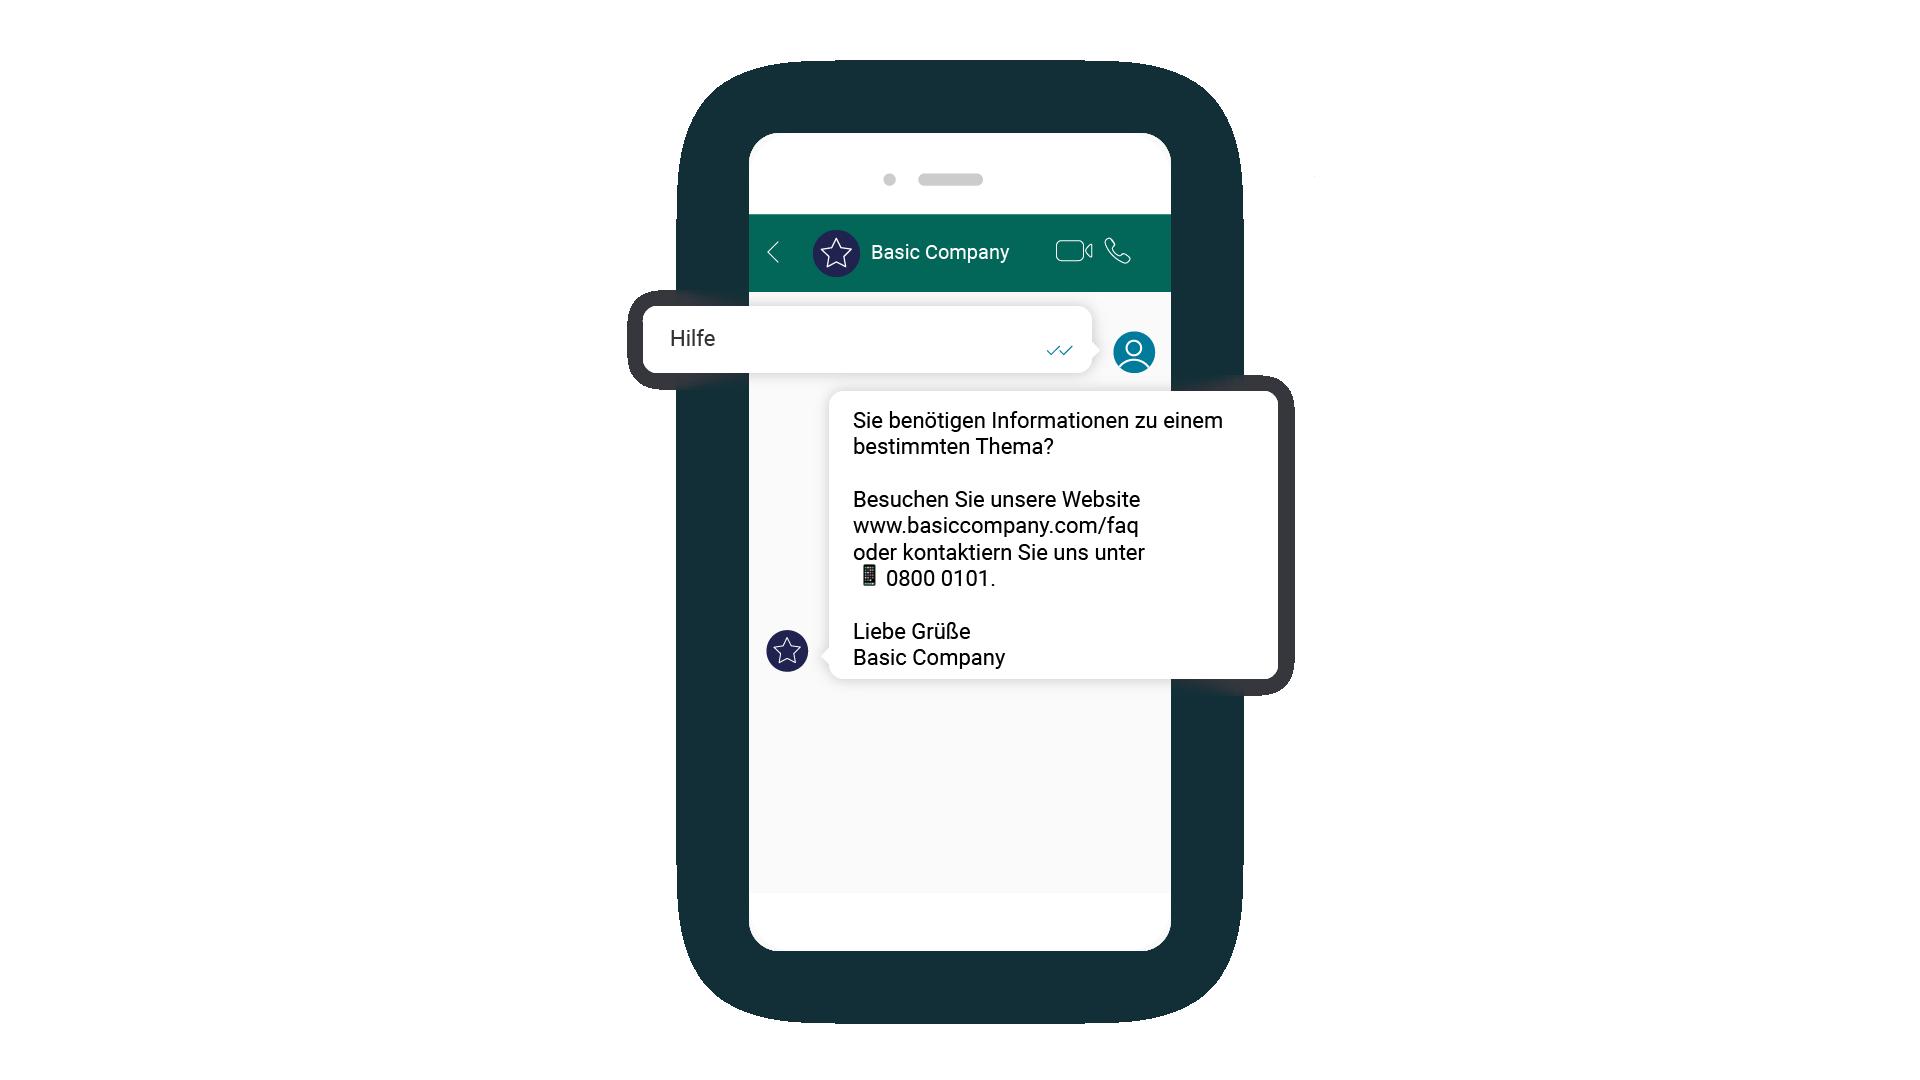 LINK Mobility - WhatsApp in Verbindung mit ChatBot bietet automatisierten Kundenservice